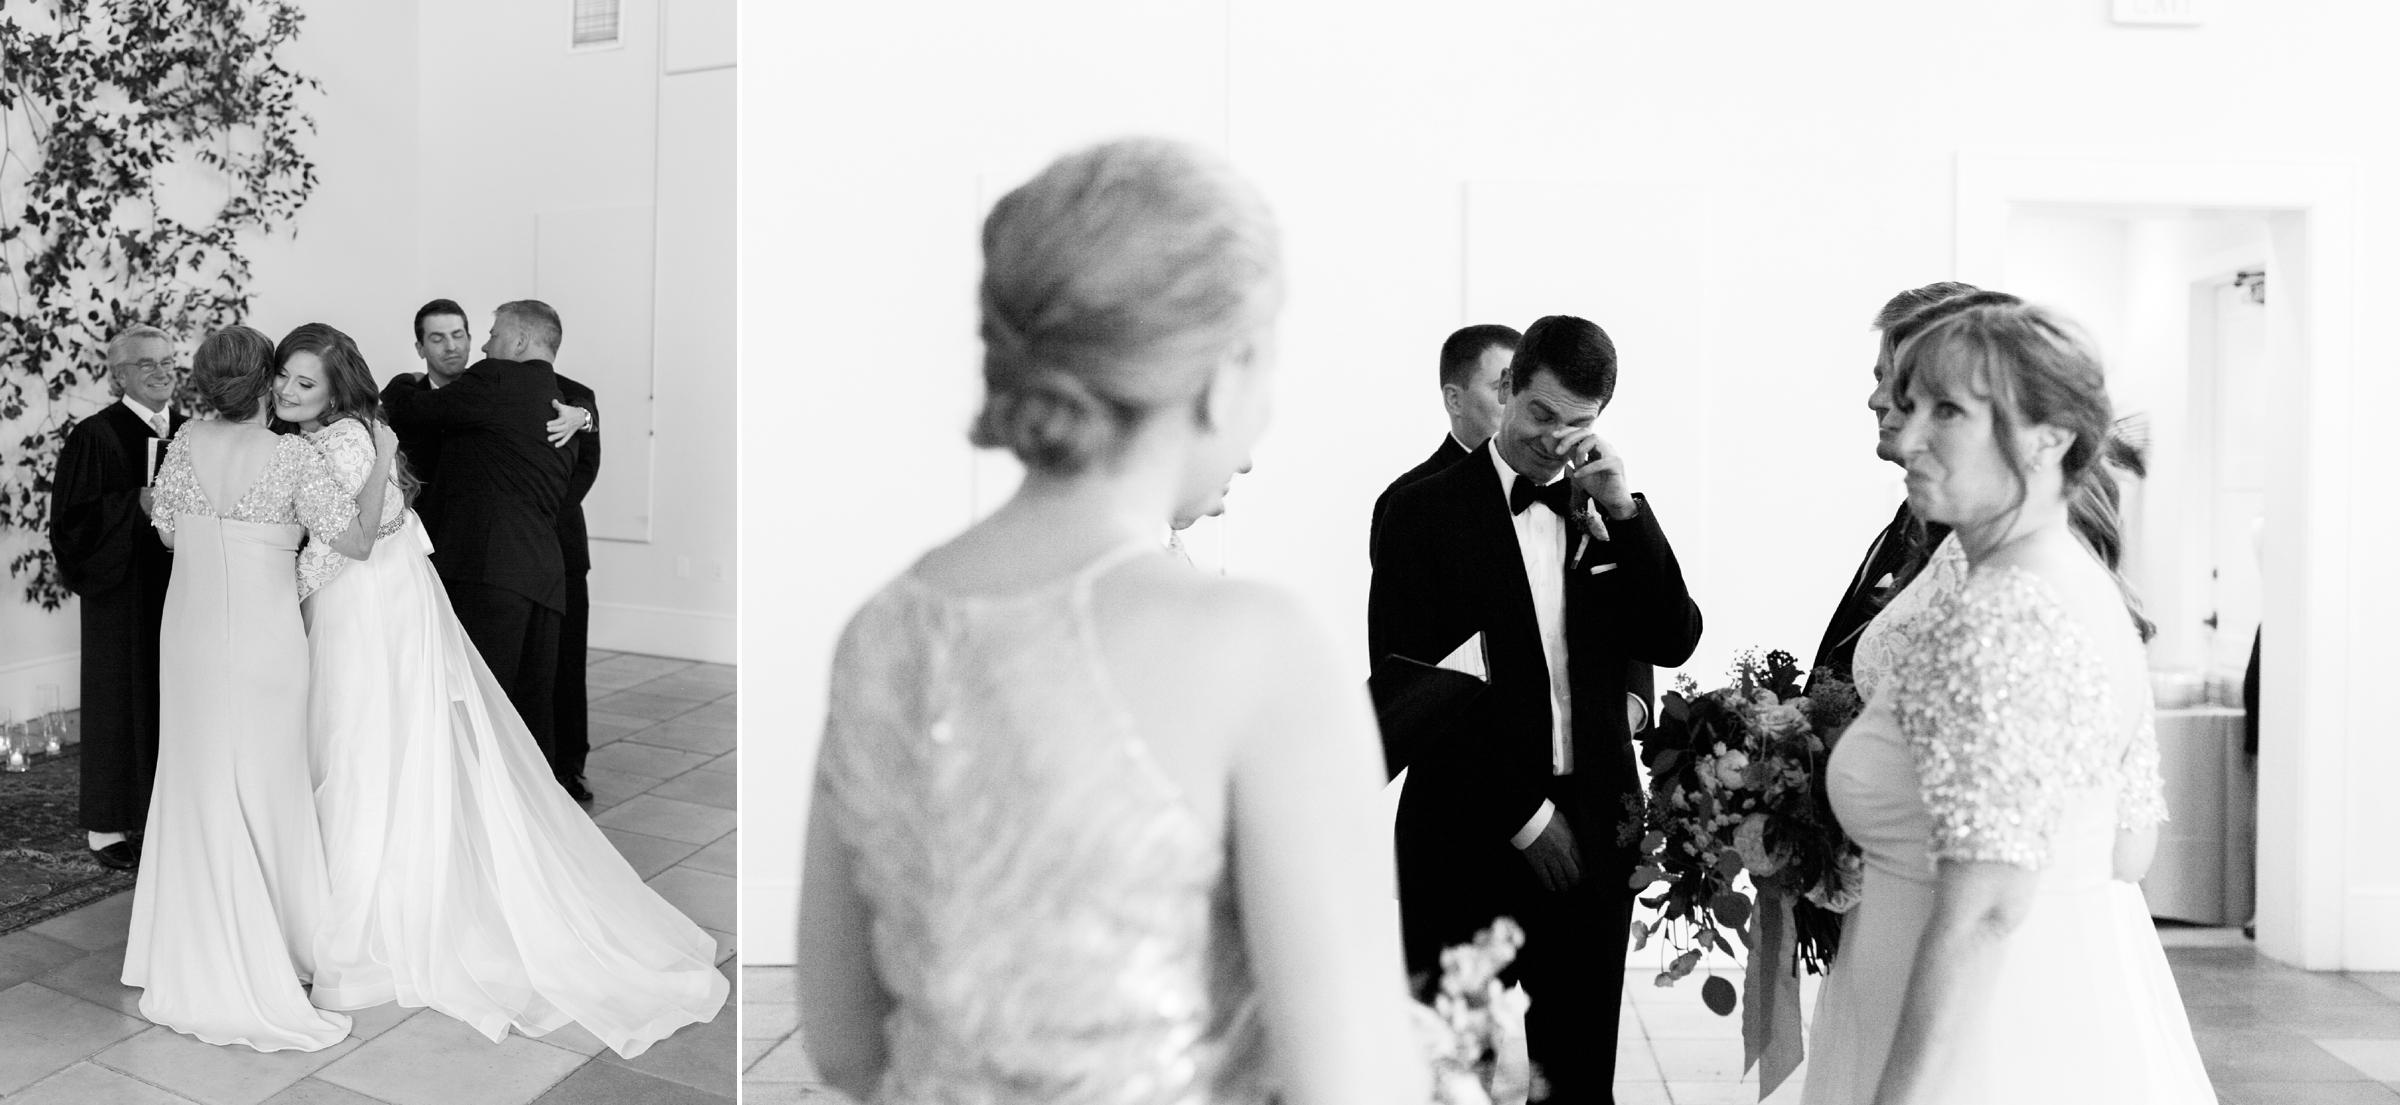 rosemary_beach_wedding_photographer_shannon_griffin_0013.jpg